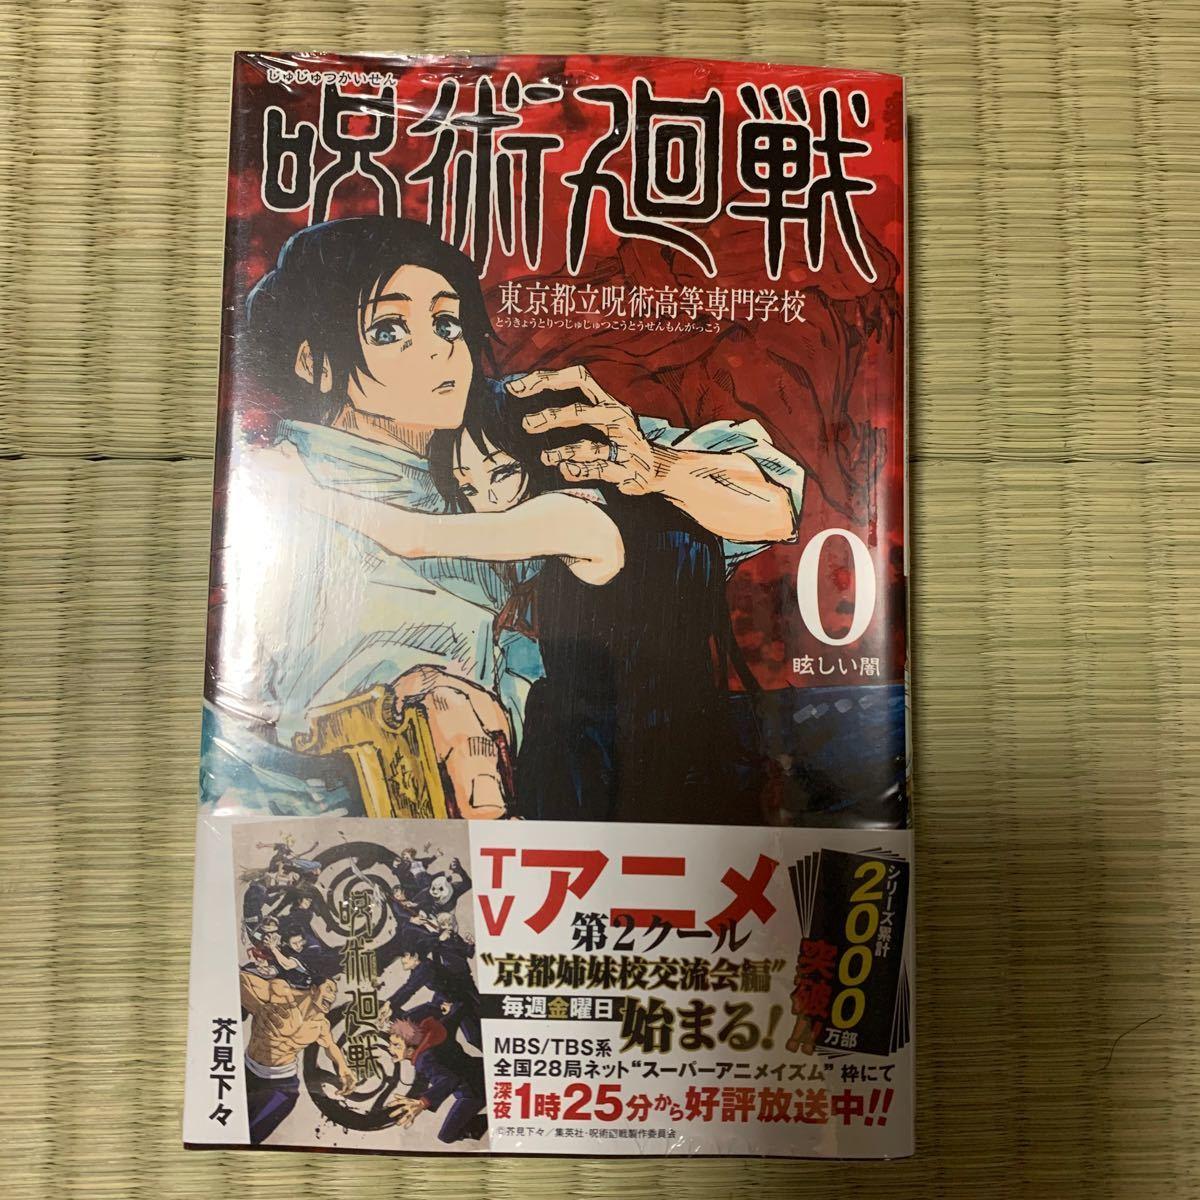 呪術廻戦 0 東京都立呪術高等専門学校